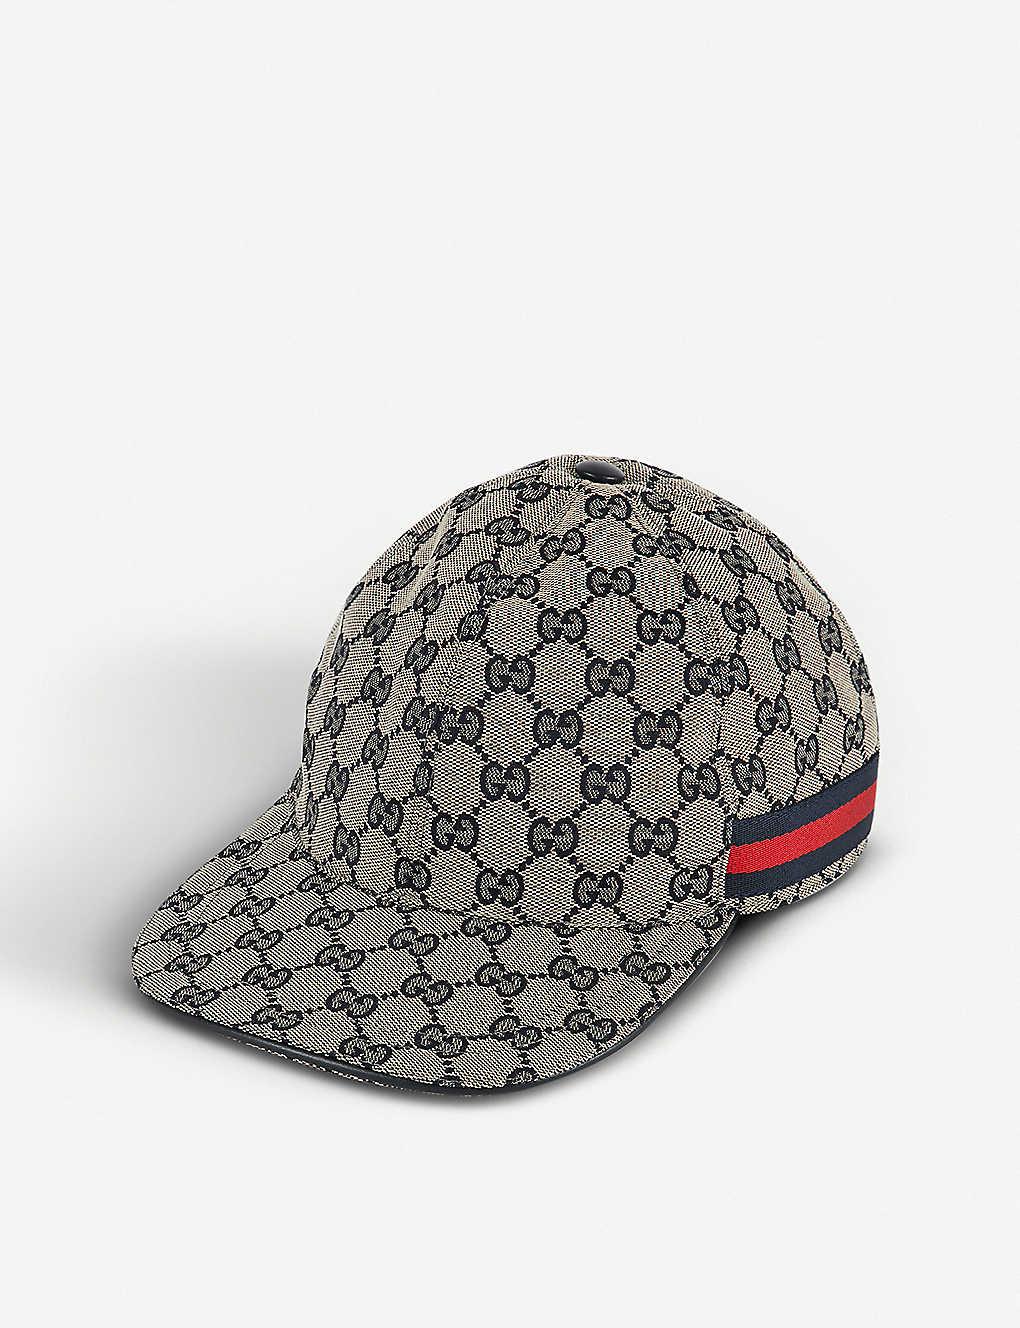 GUCCI - GG Web stripe baseball cap  2fa26e9518a